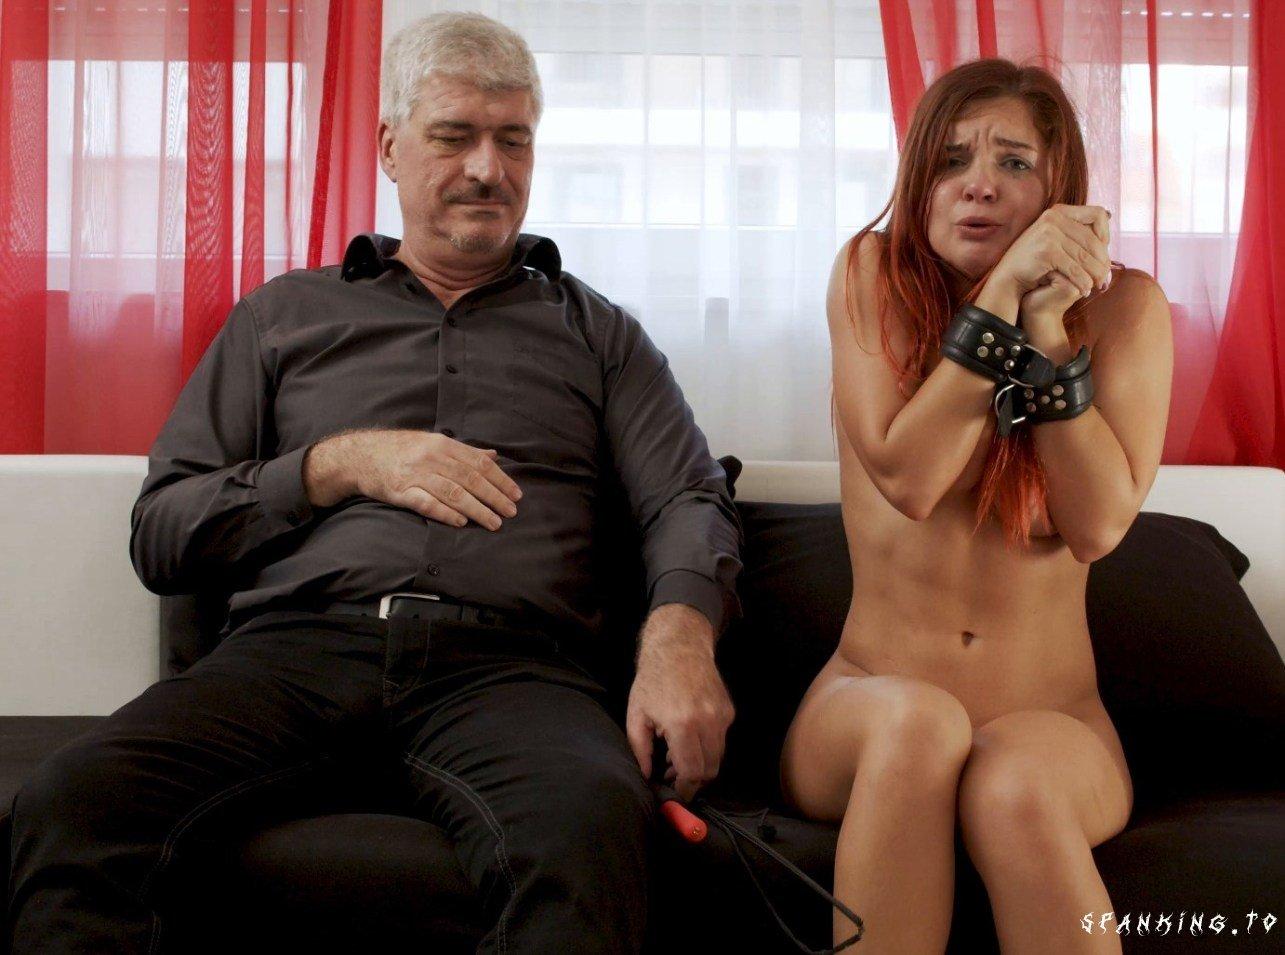 Renatas Desires - Part 3 - Graias - 4K Ultra HD/2160p